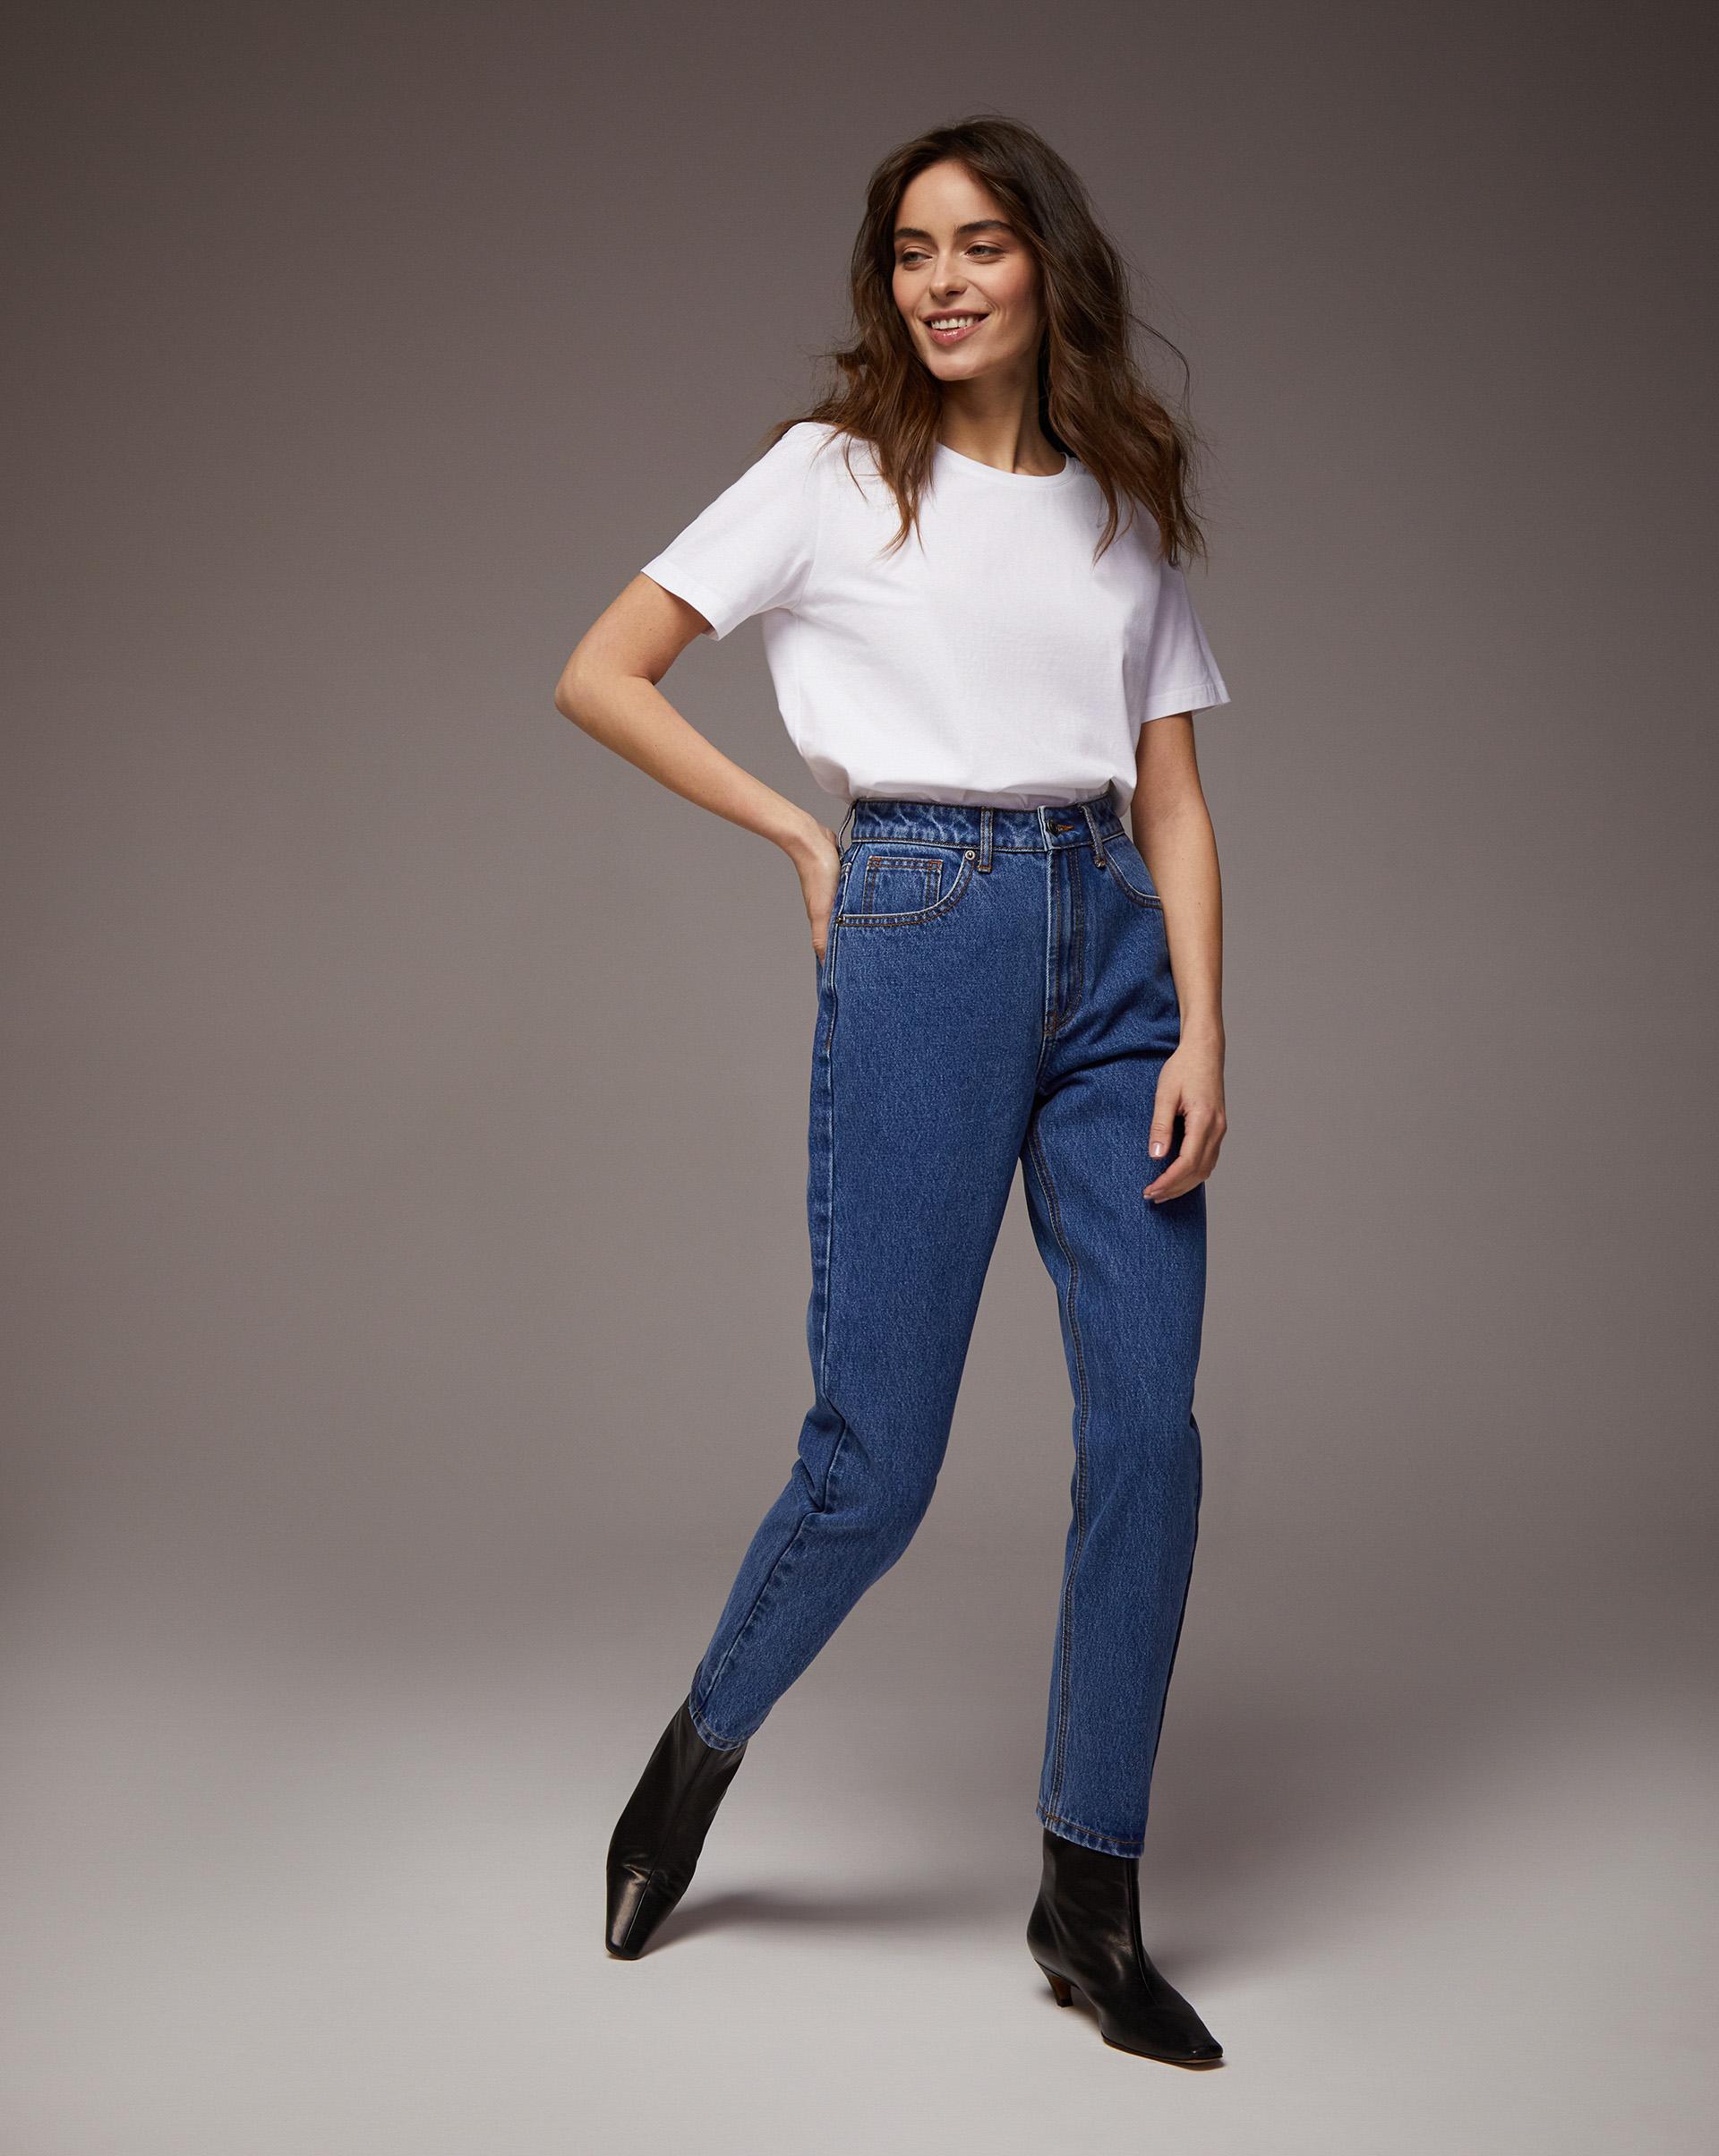 12⠀STOREEZ Джинсы прямые свободные джинсы blugirl джинсы в стиле брюк